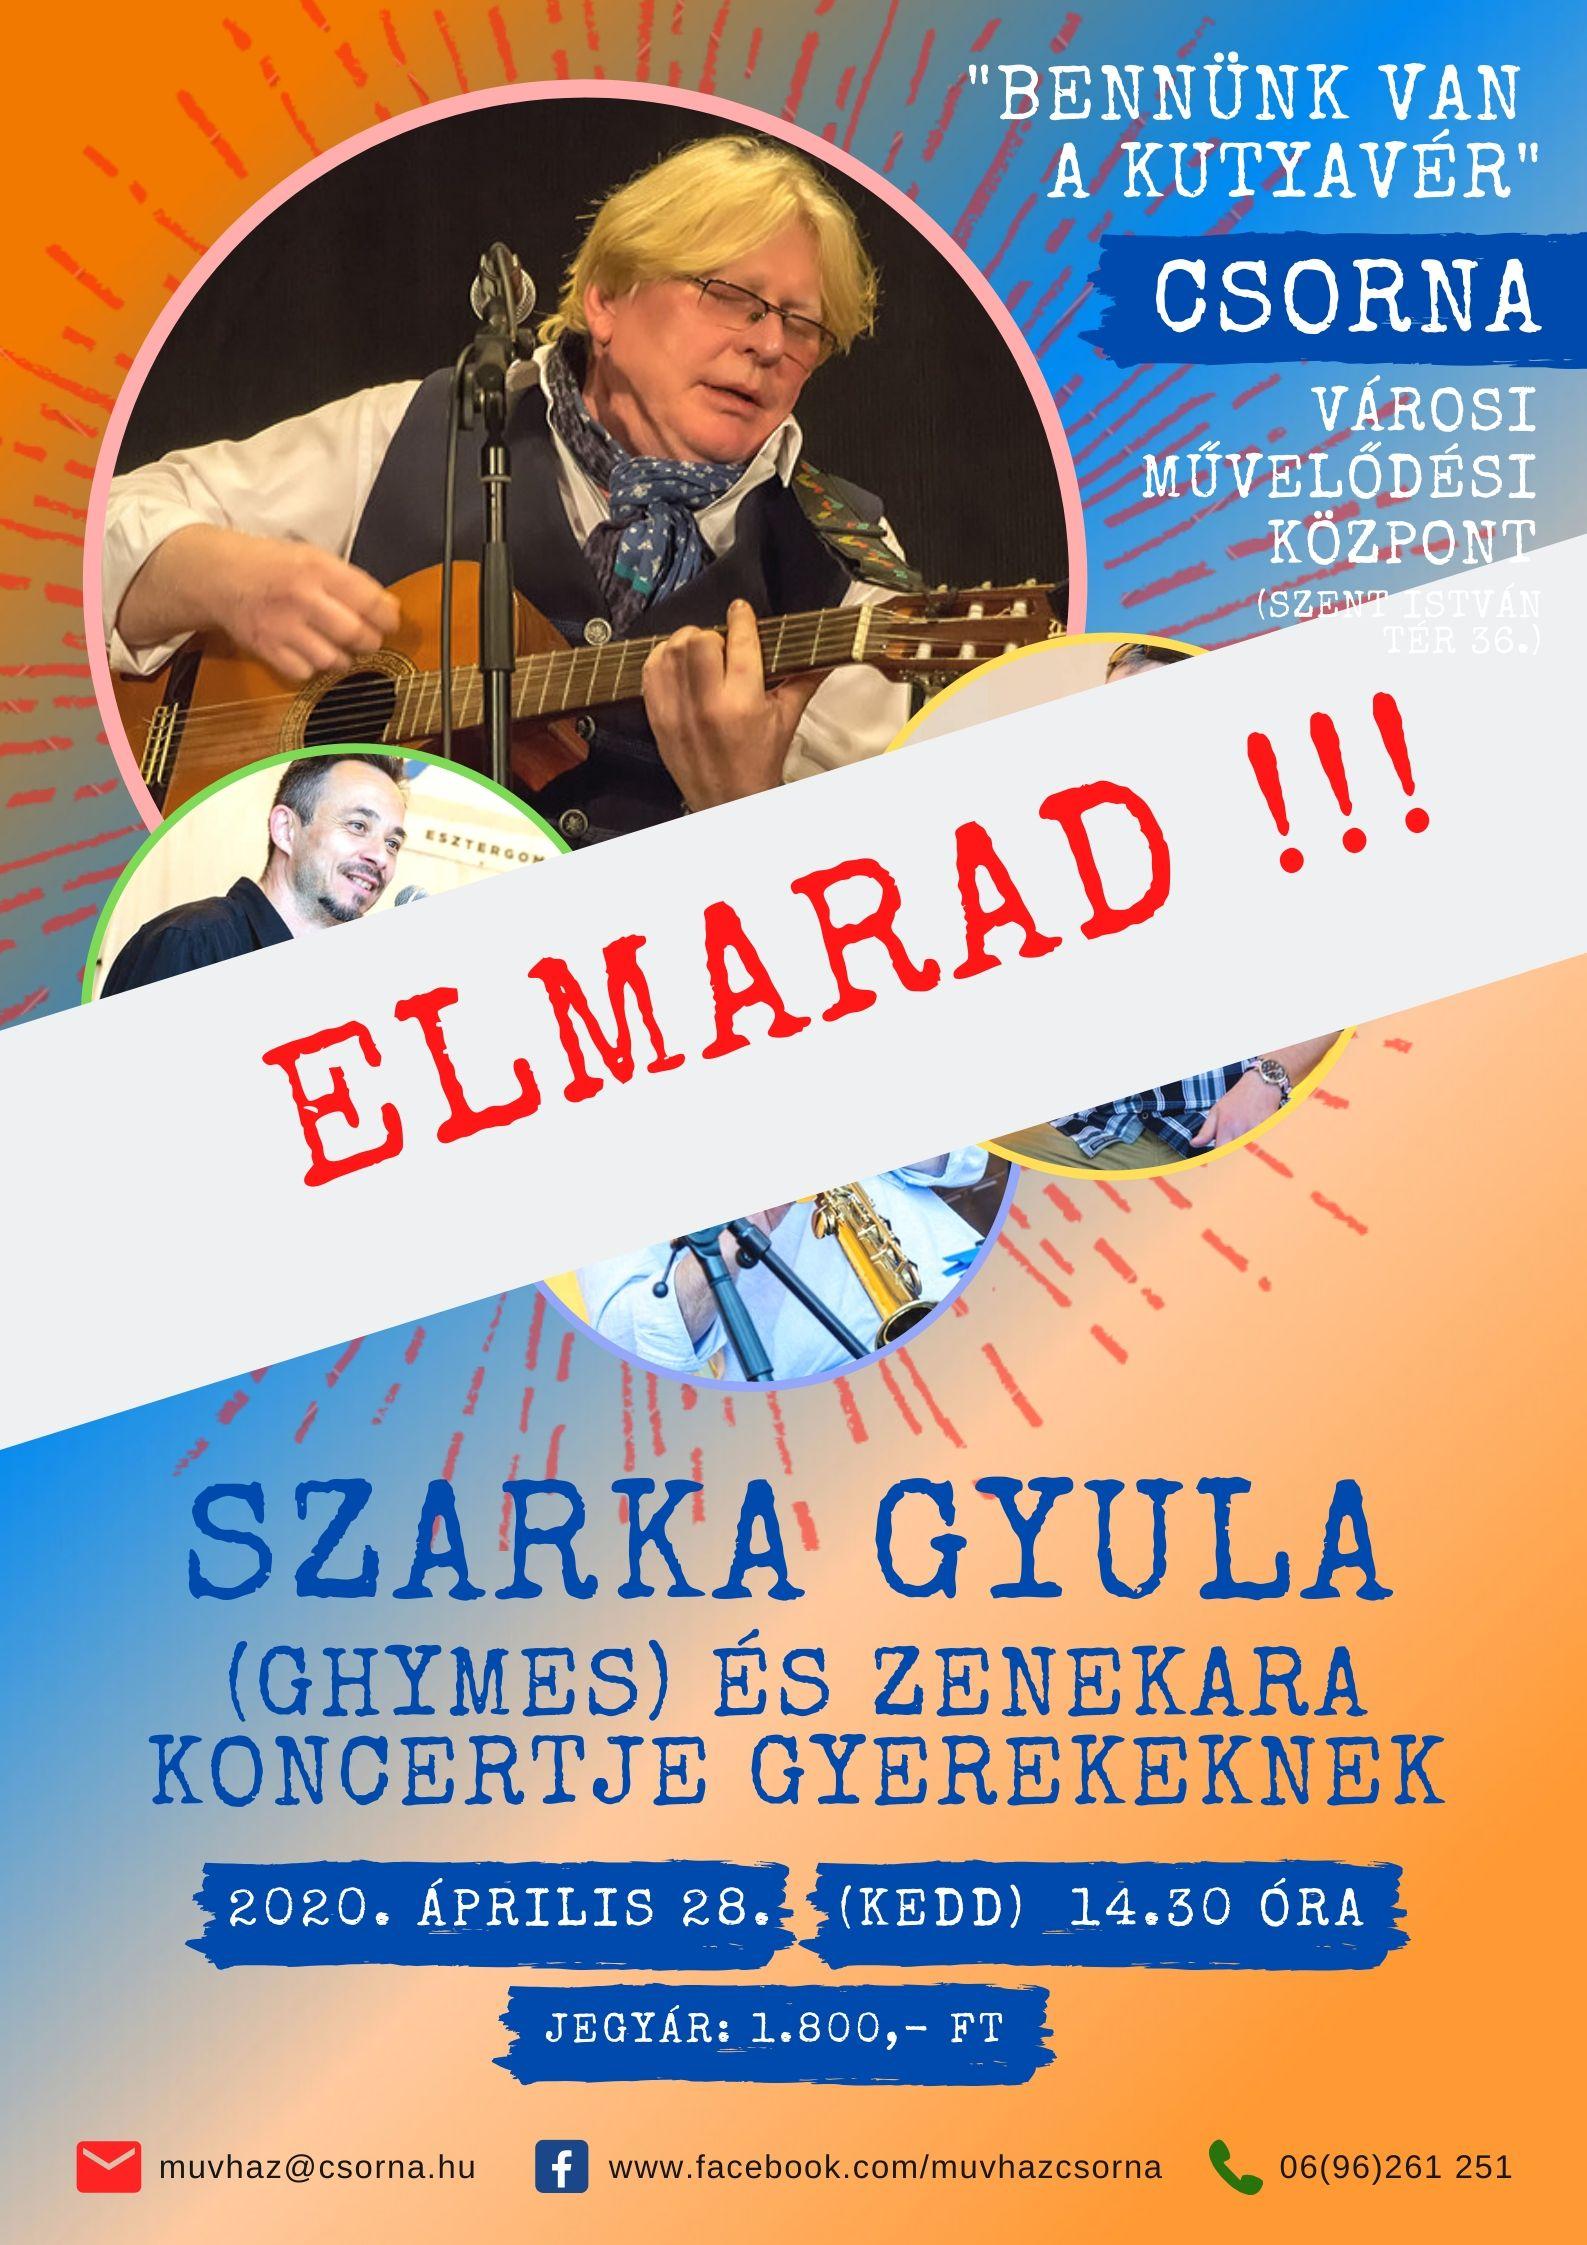 szarka_gyula_koncert_ELMARAD